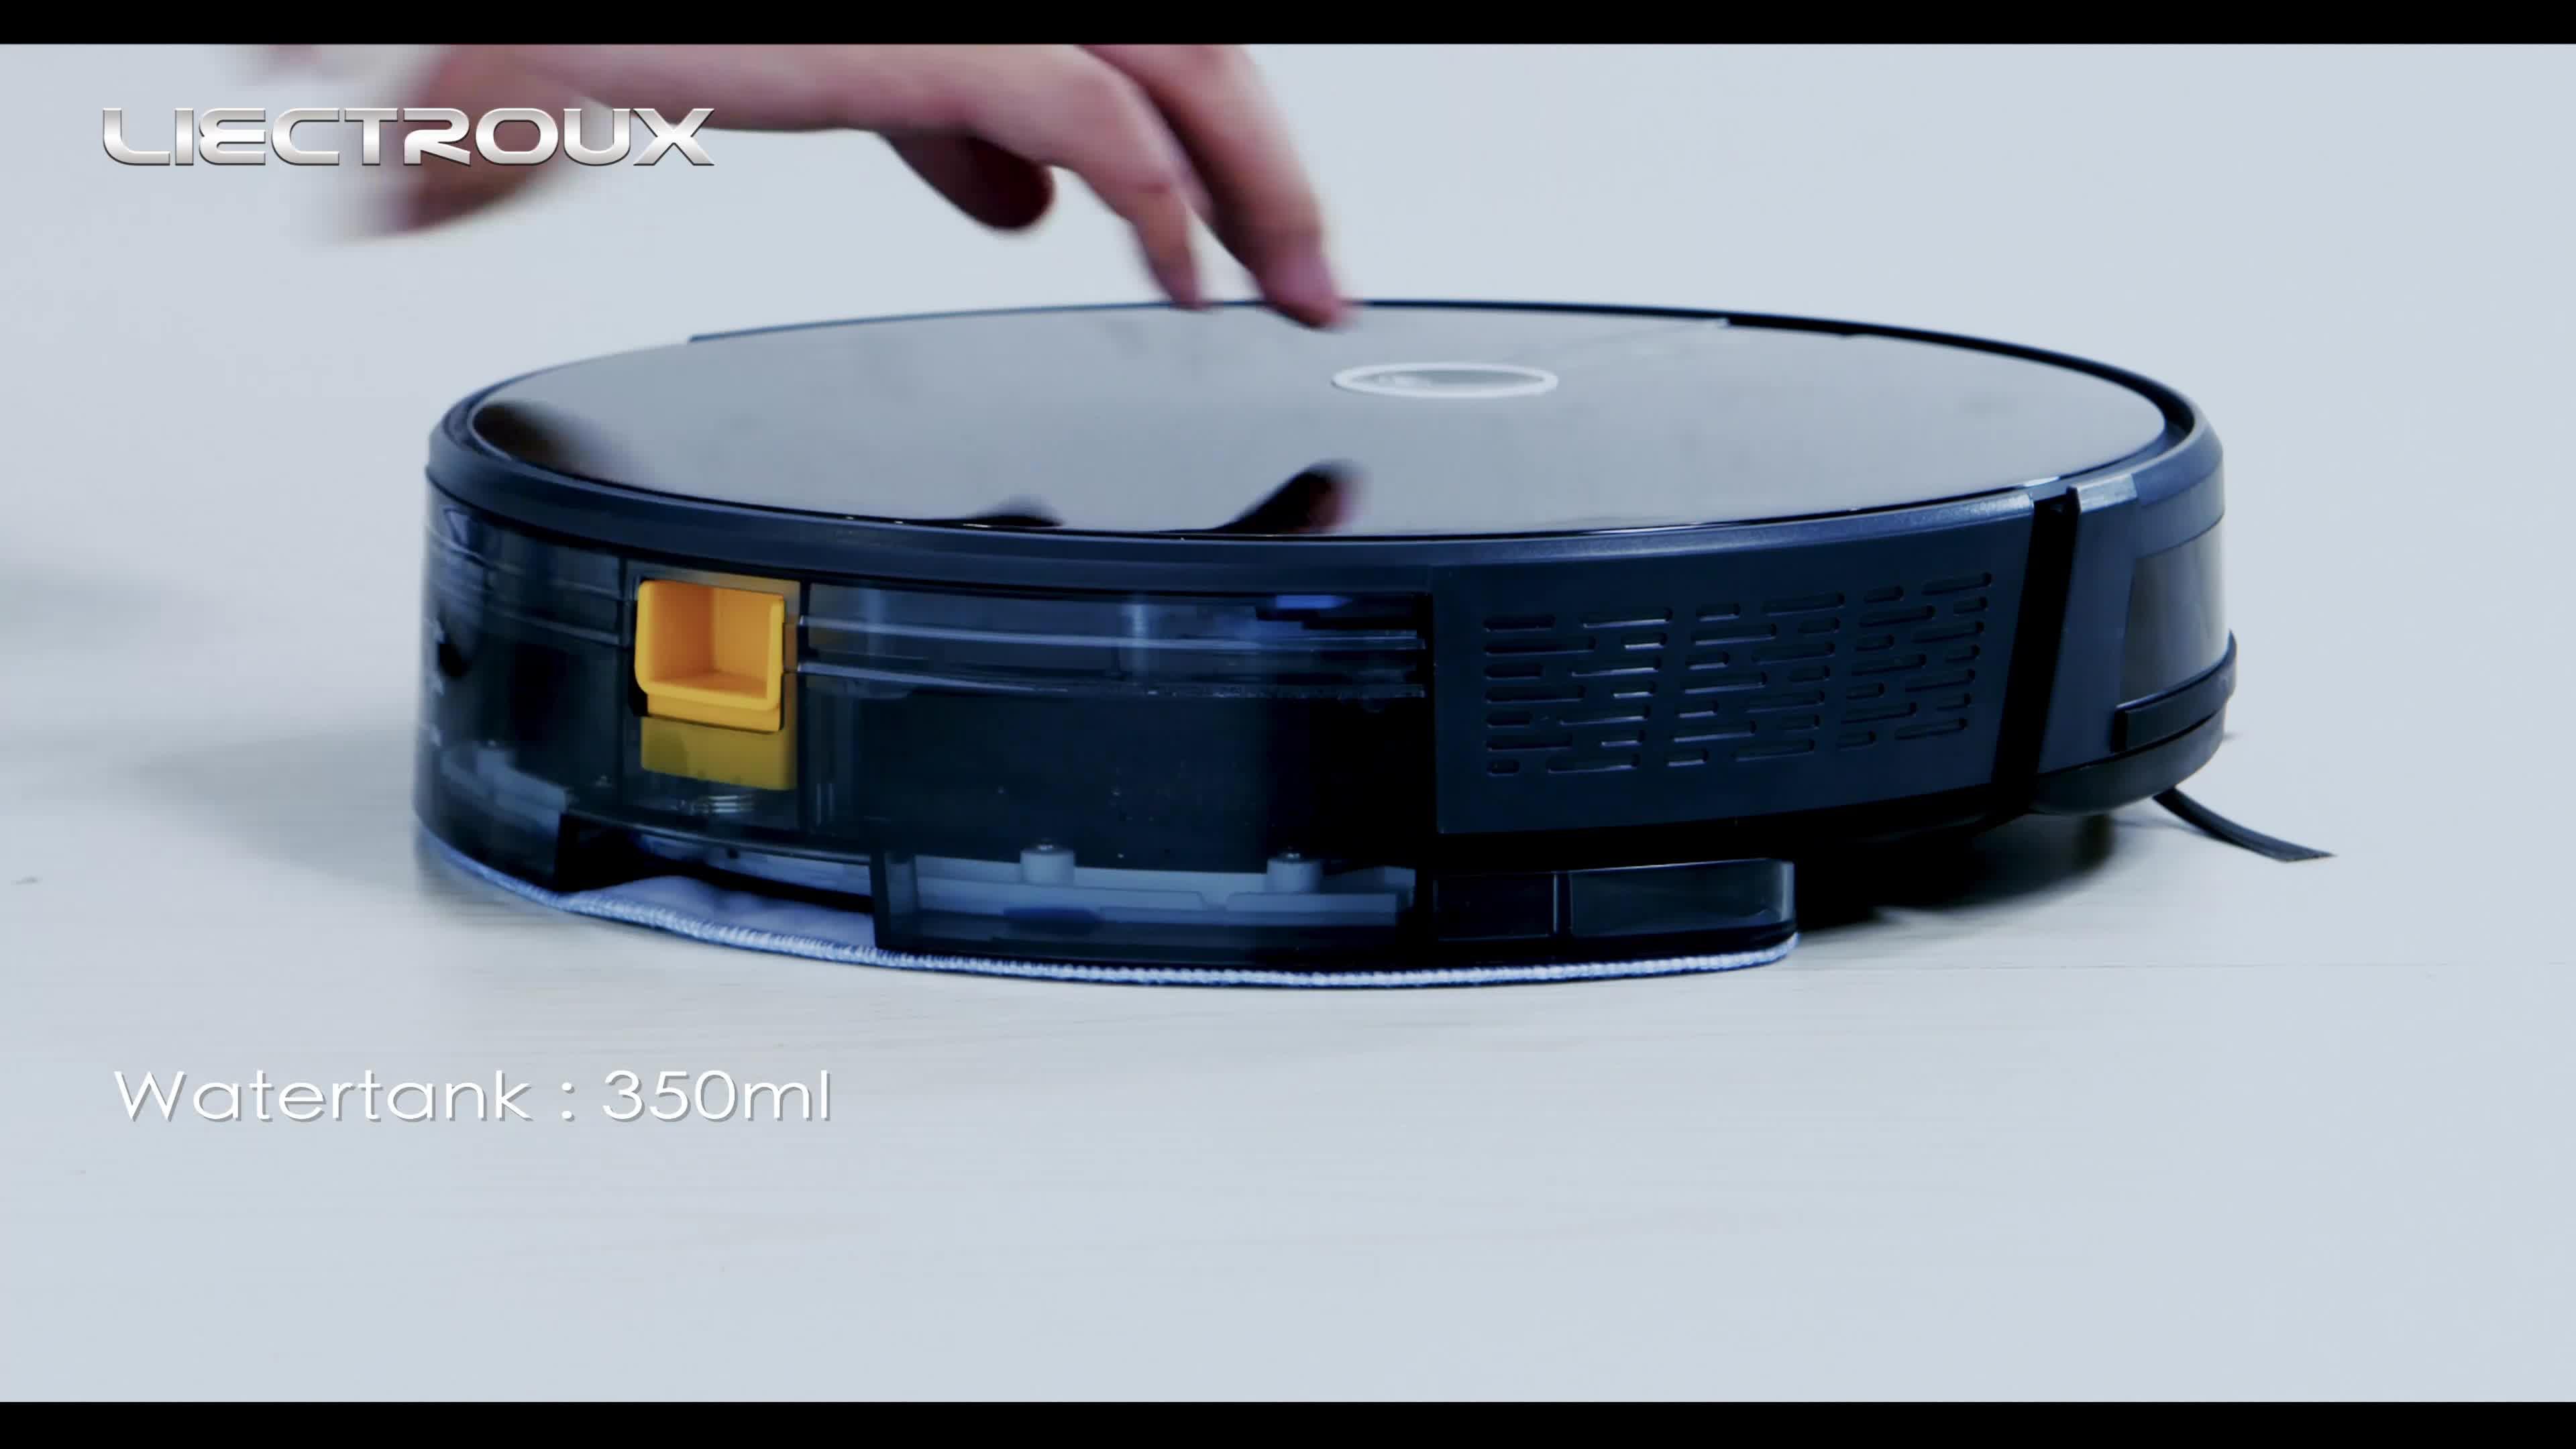 Robot Hút Bụi Liectroux C30b Với Bản Đồ Điều Hướng Hút Mạnh Bể Nước Điện Mỏng Và Thiết Kế Ánh Sáng Màn Hình